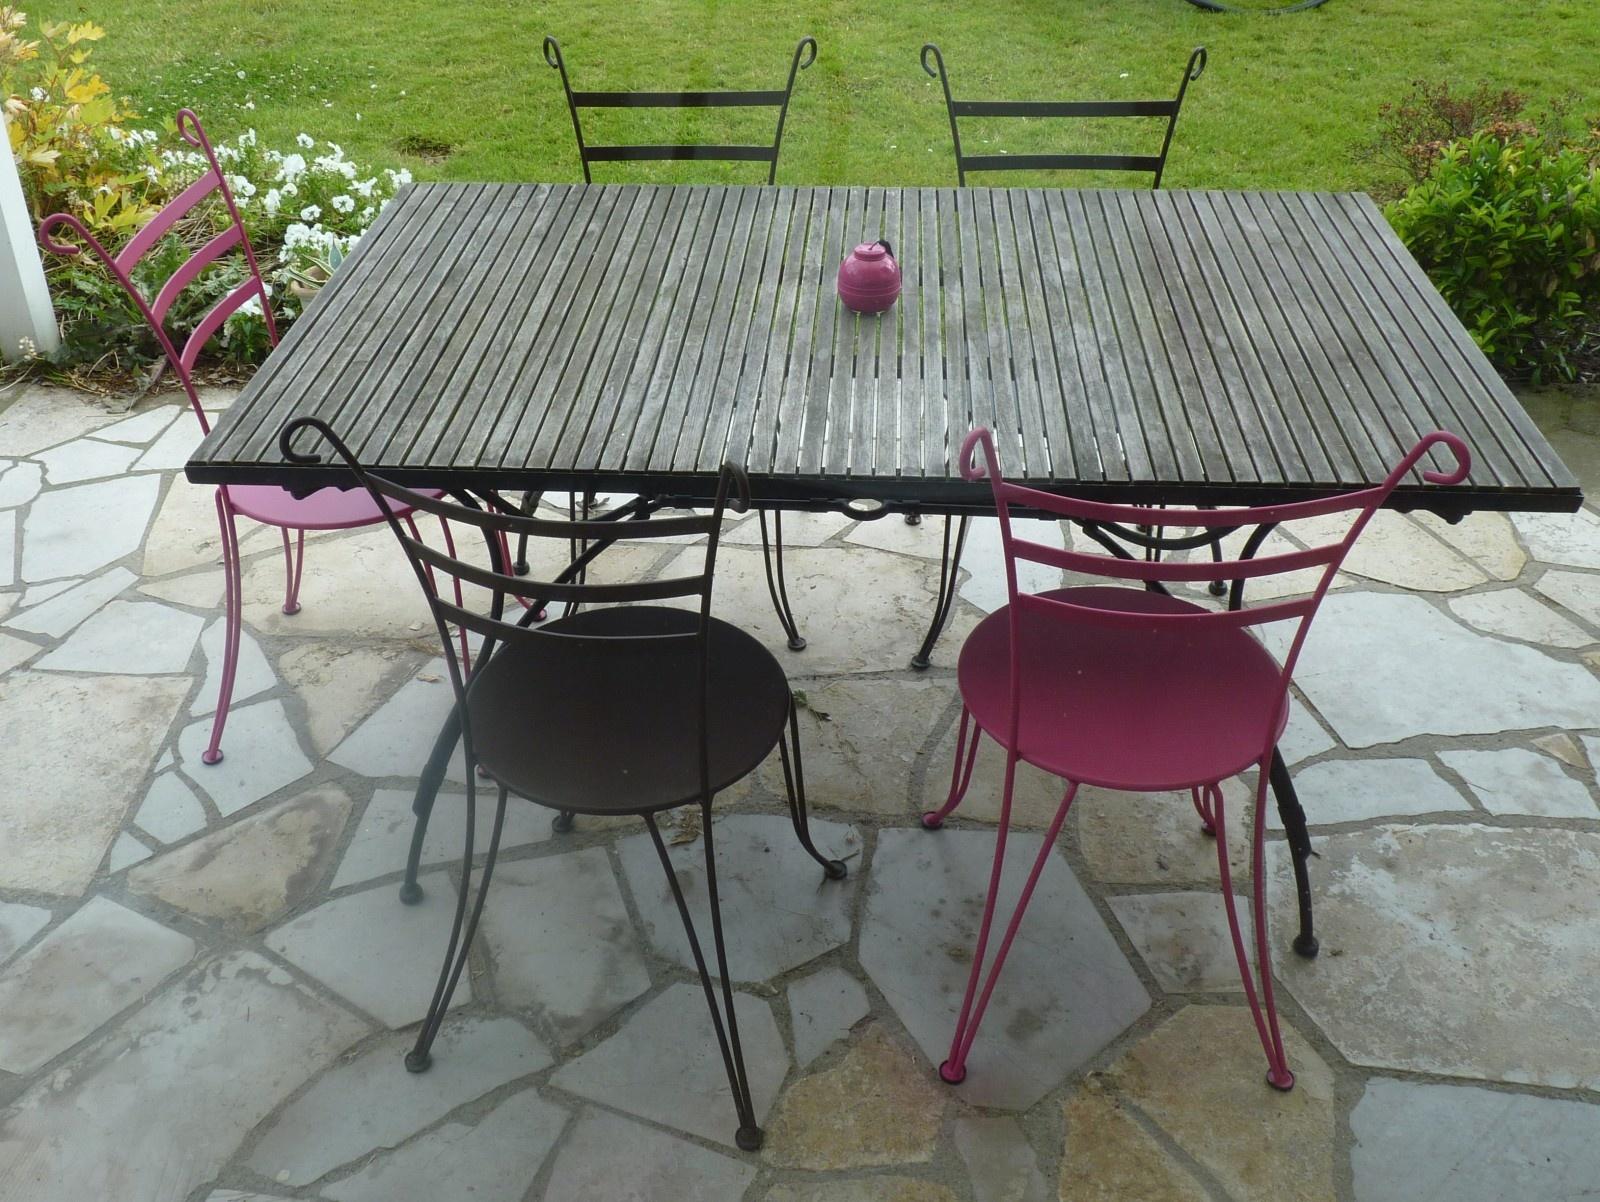 Salon de jardin en fer forgé et mosaique pas cher - Mailleraye.fr jardin